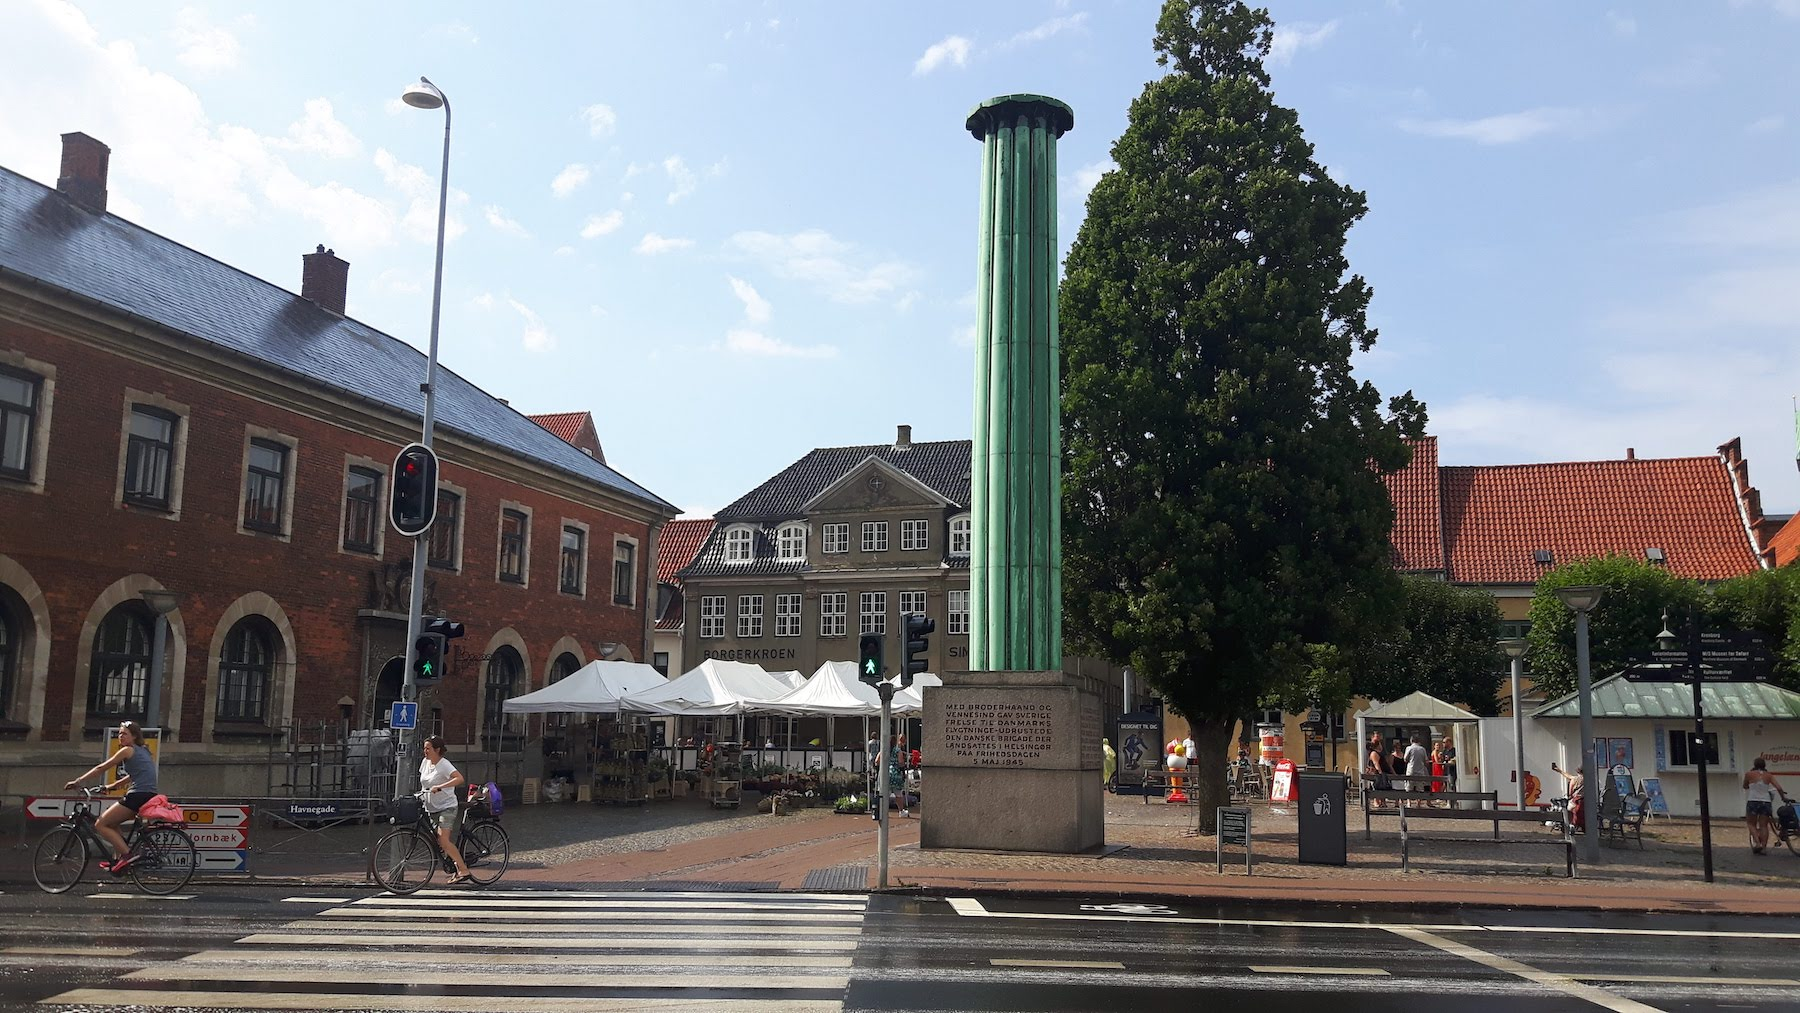 Helsingor Denmark